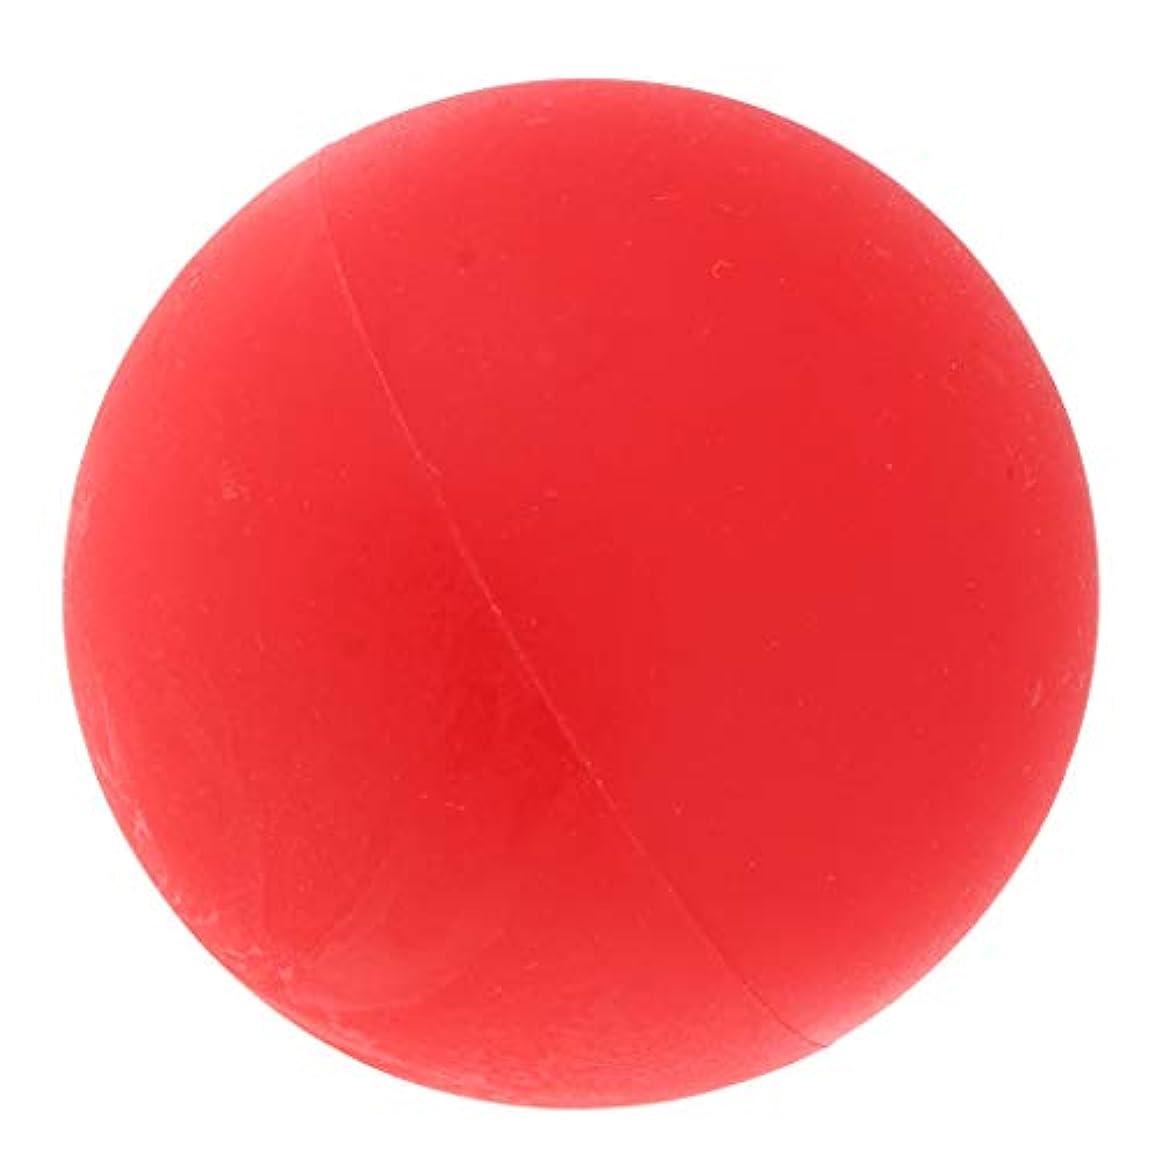 標高偉業防止マッサージボール ヨガボール トリガーポイント 筋膜リリース 緊張緩和 健康グッズ 全4色 - 赤